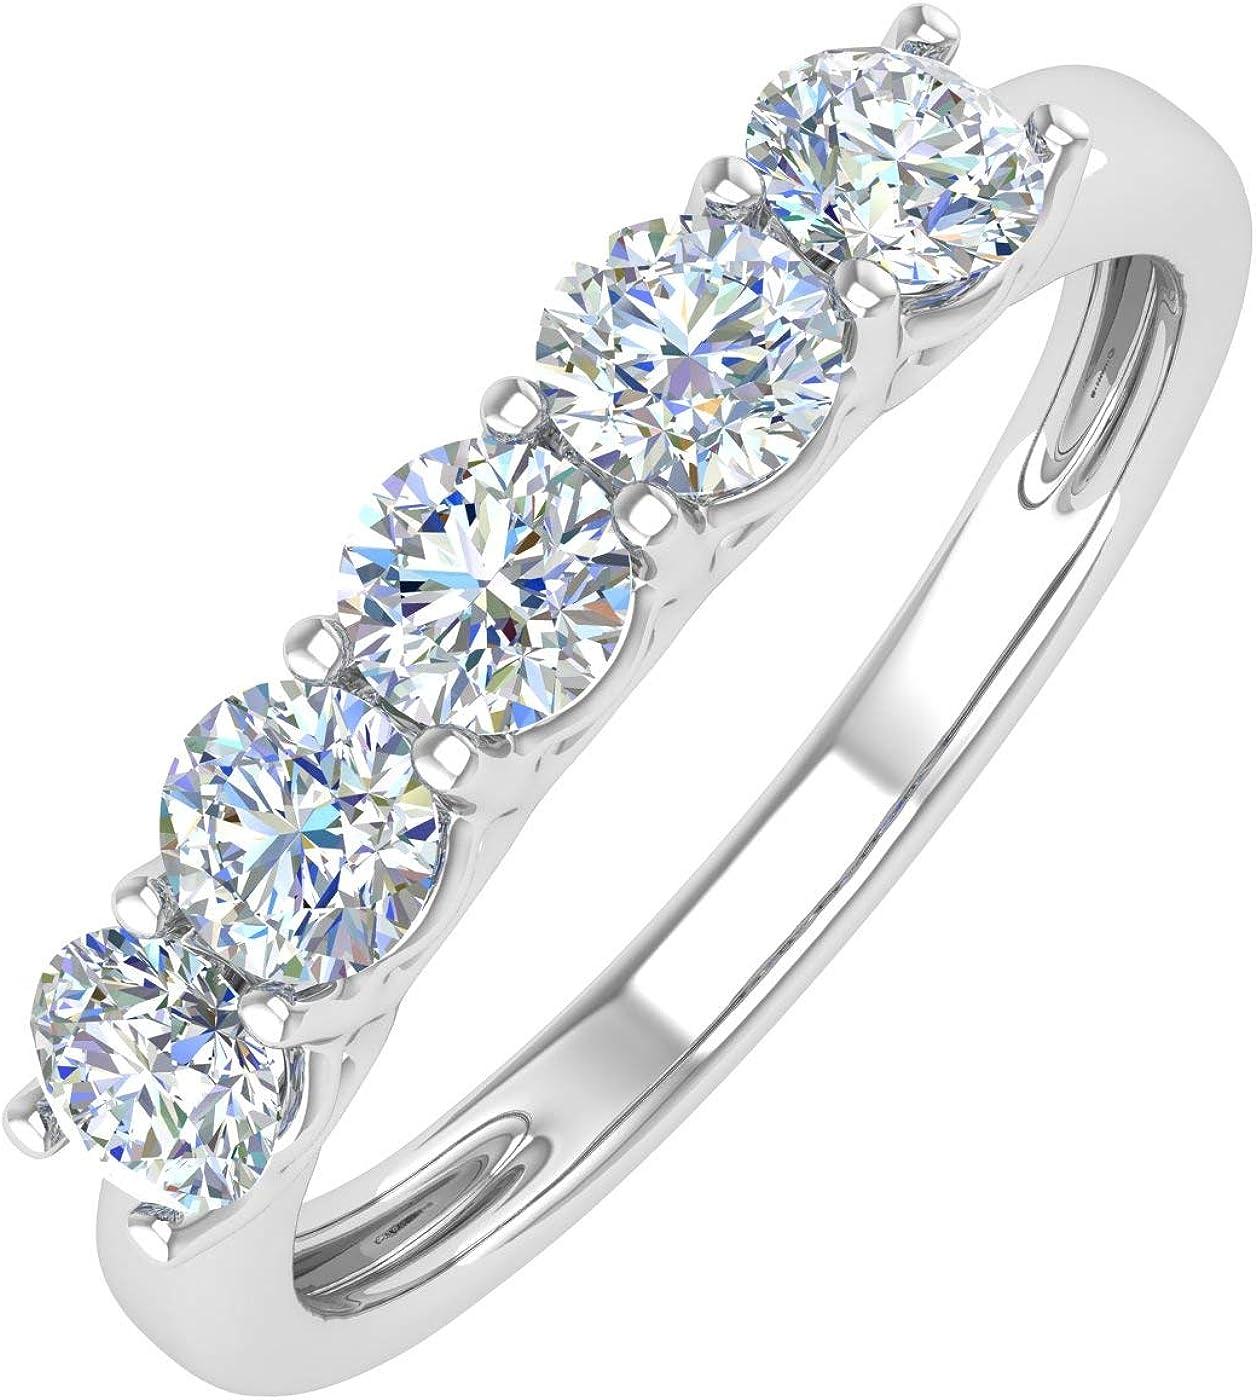 1 Carat (ctw) 5-Stone Diamond Wedding Band Ring in 14K Gold - IGI Certified